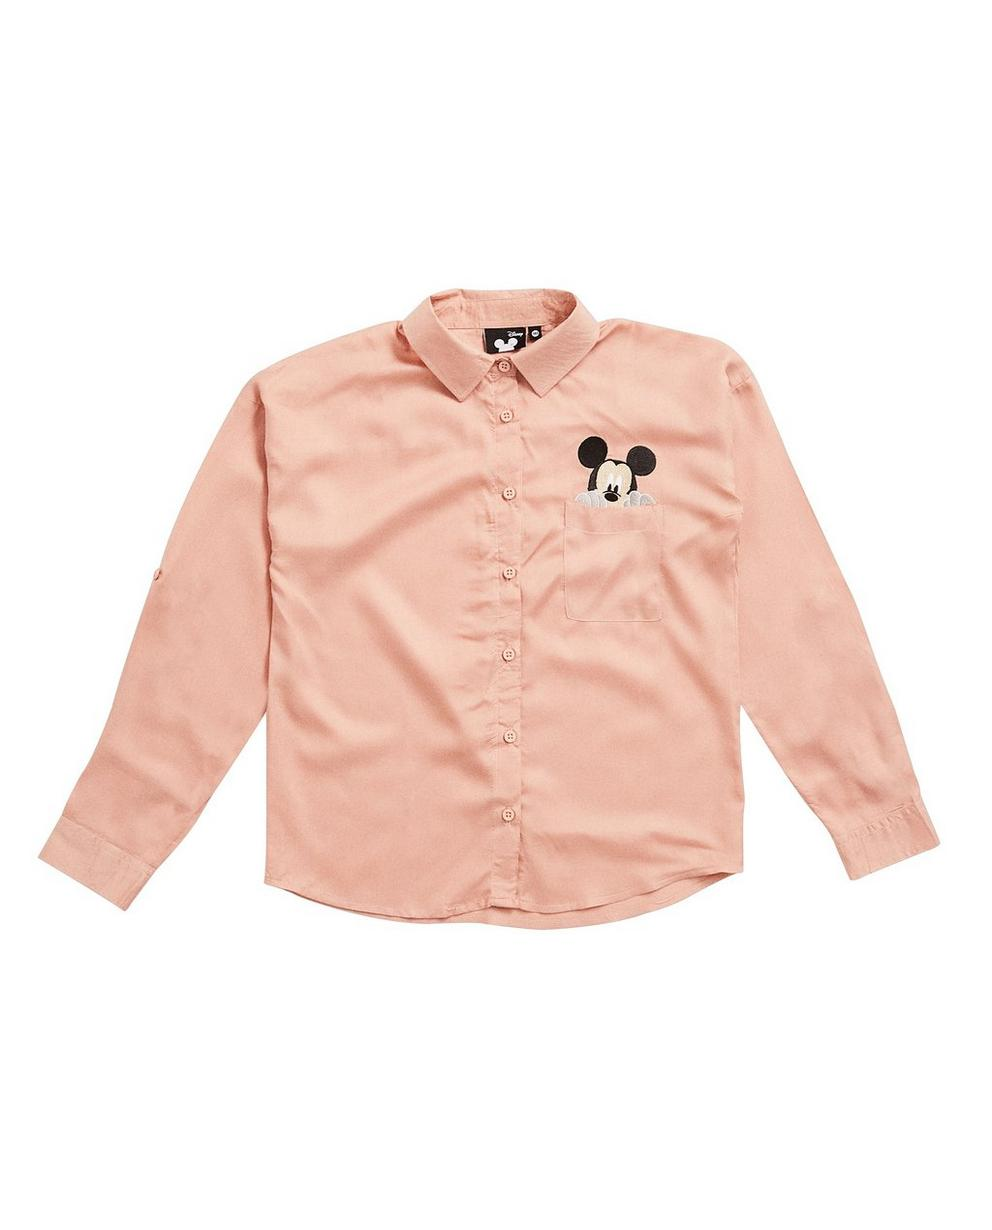 Hemden - Pink - Altrosa Hemd